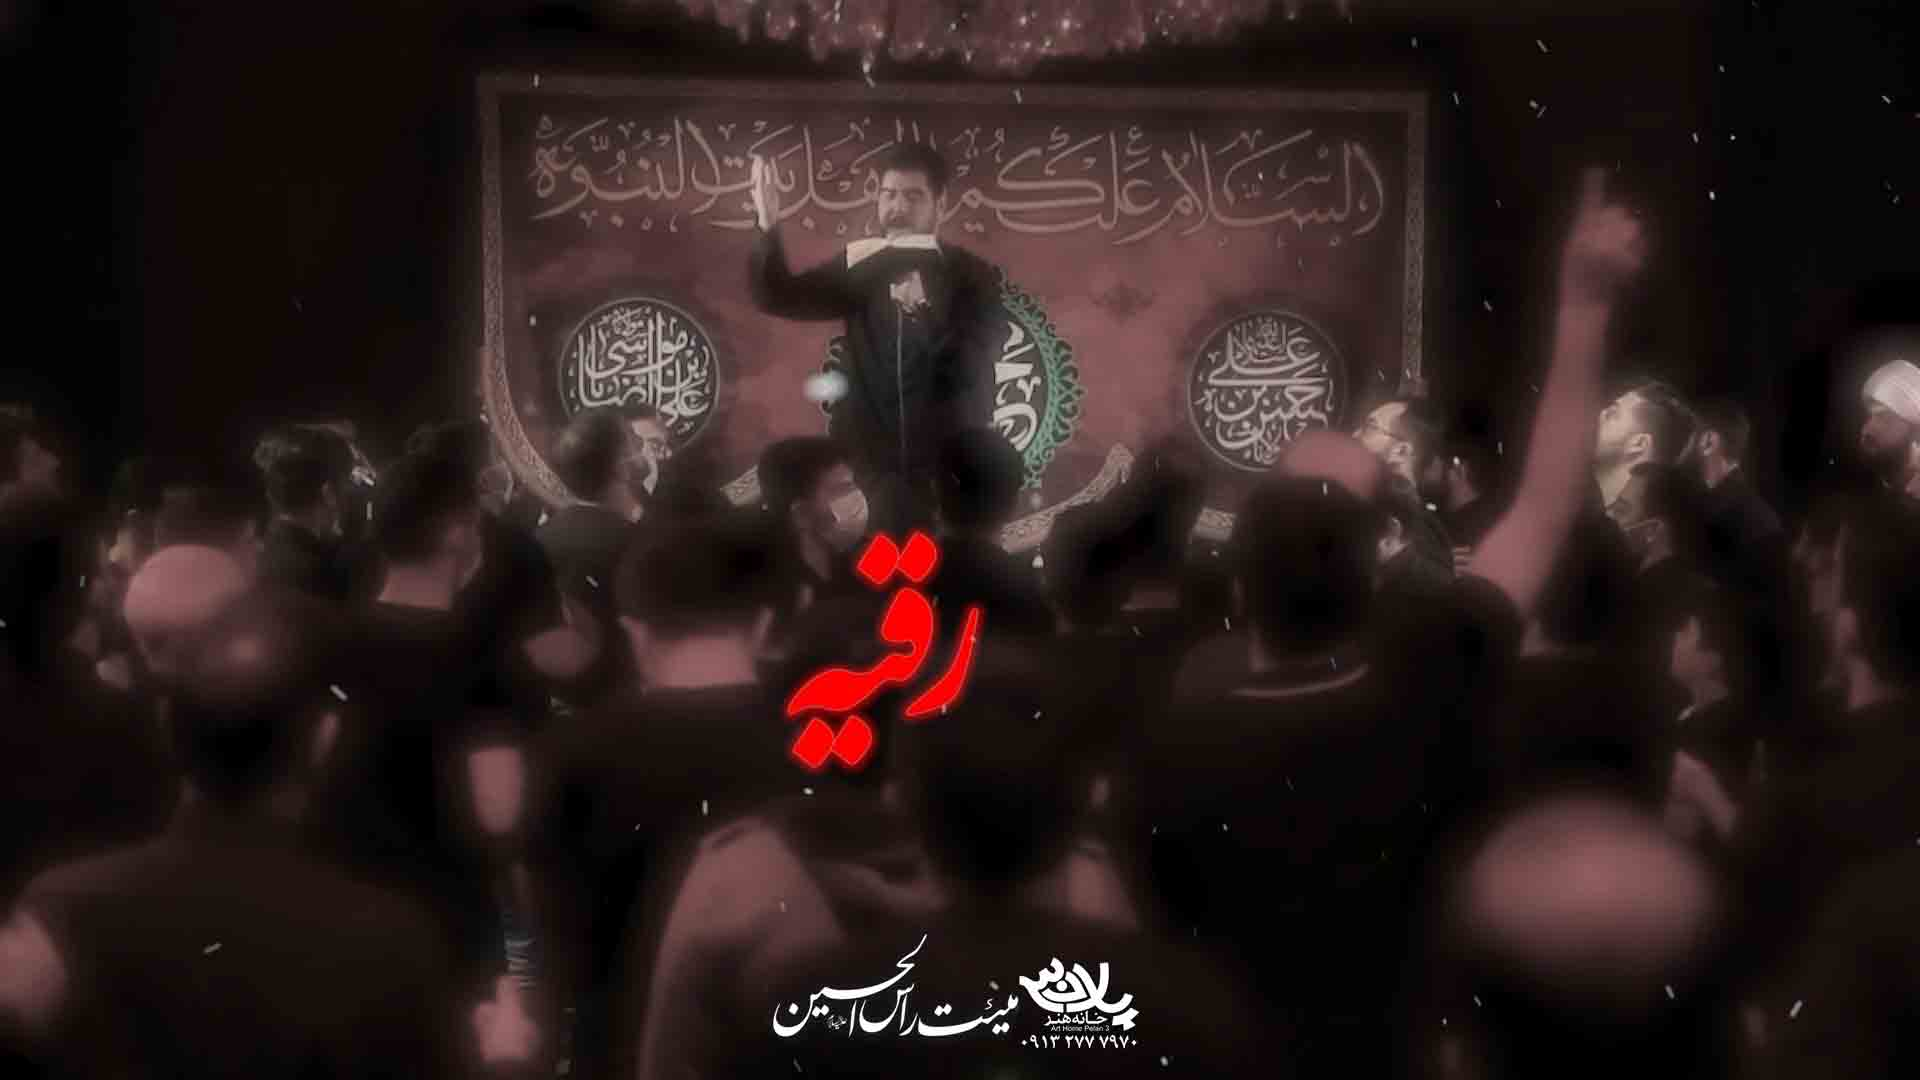 نوکرت باشم رقیه کاظم اکبری